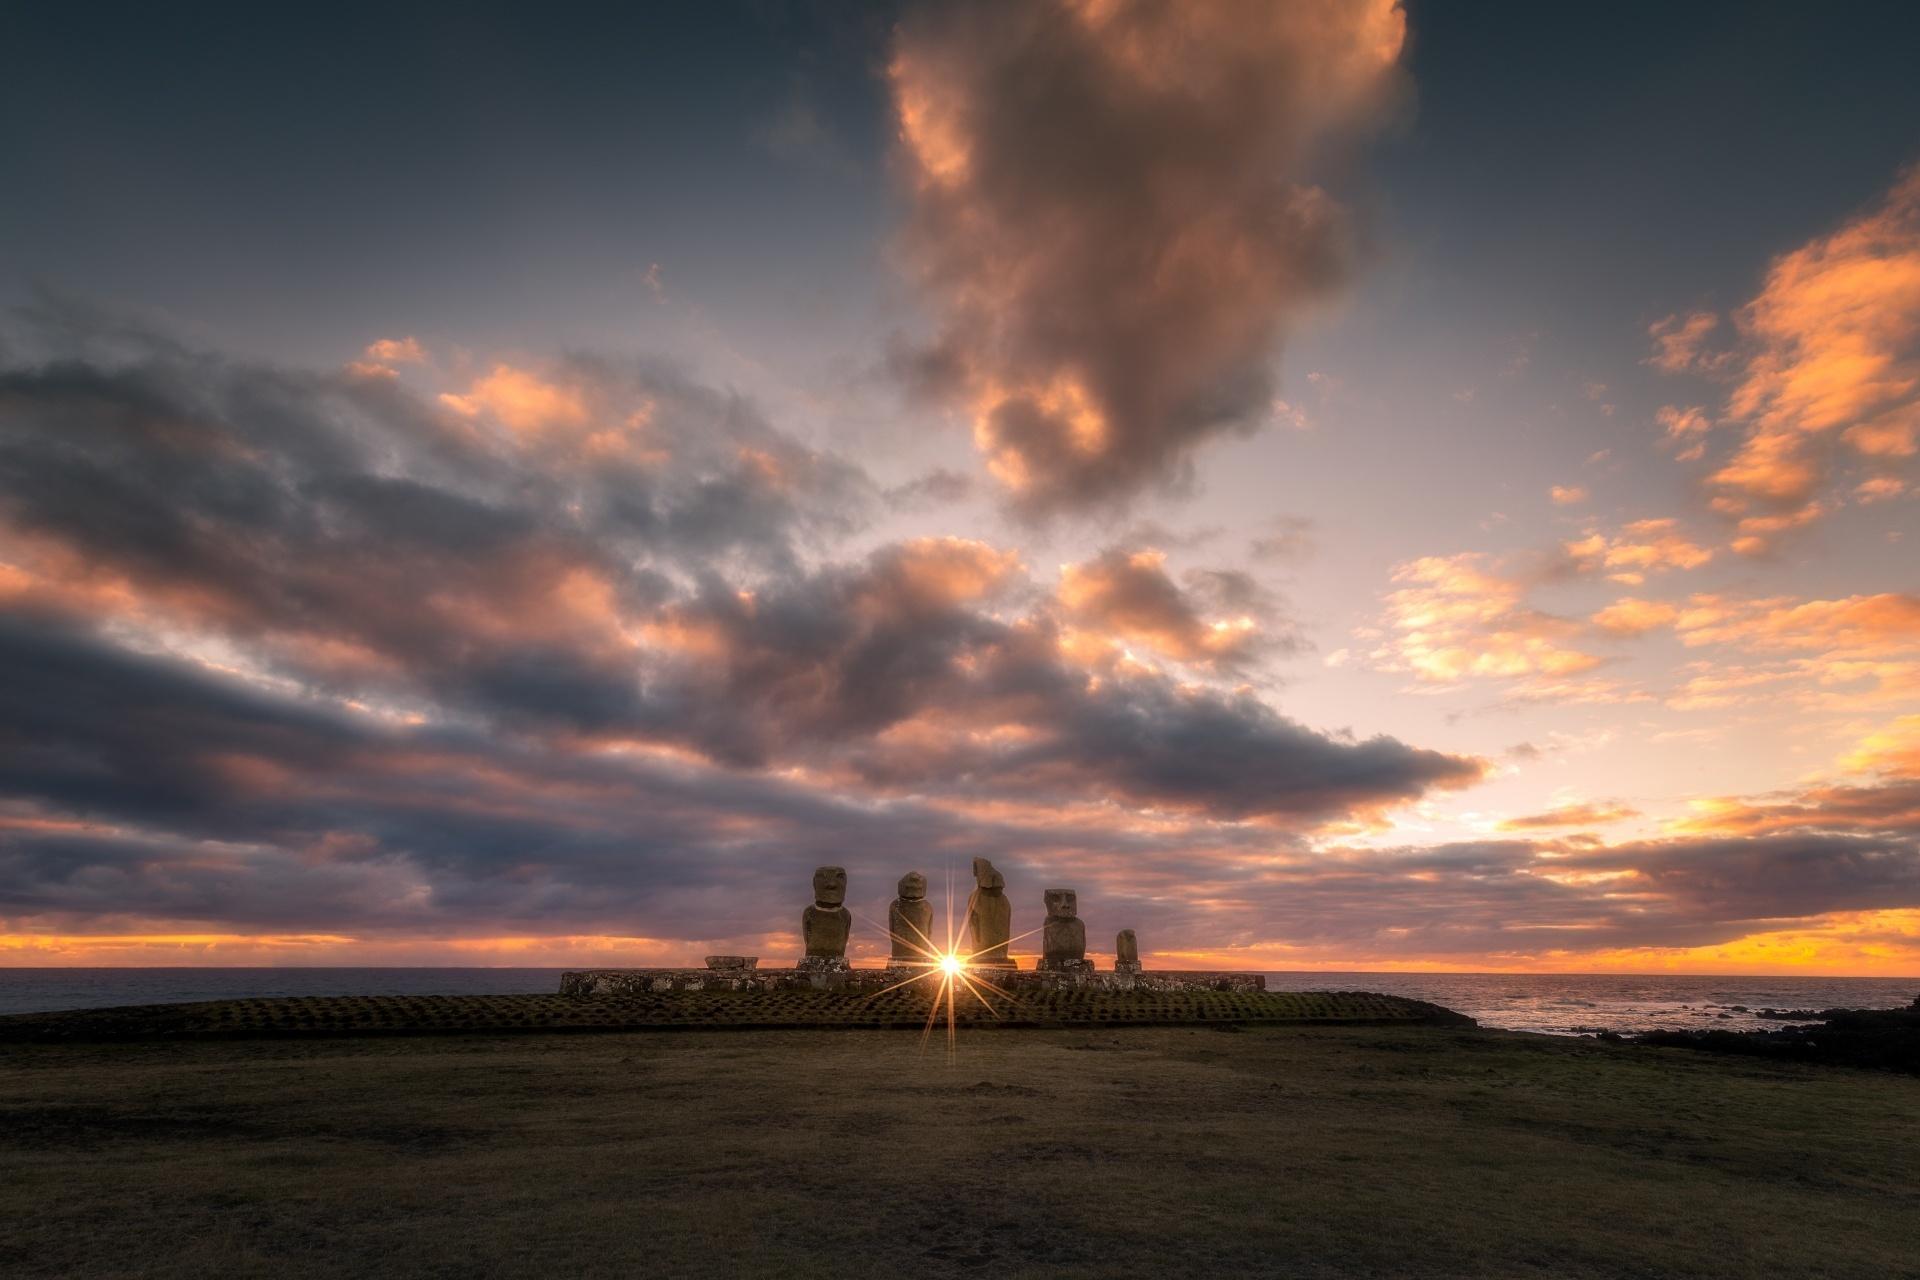 モアイ像と夕焼け イースター島(パスクア島)) チリ